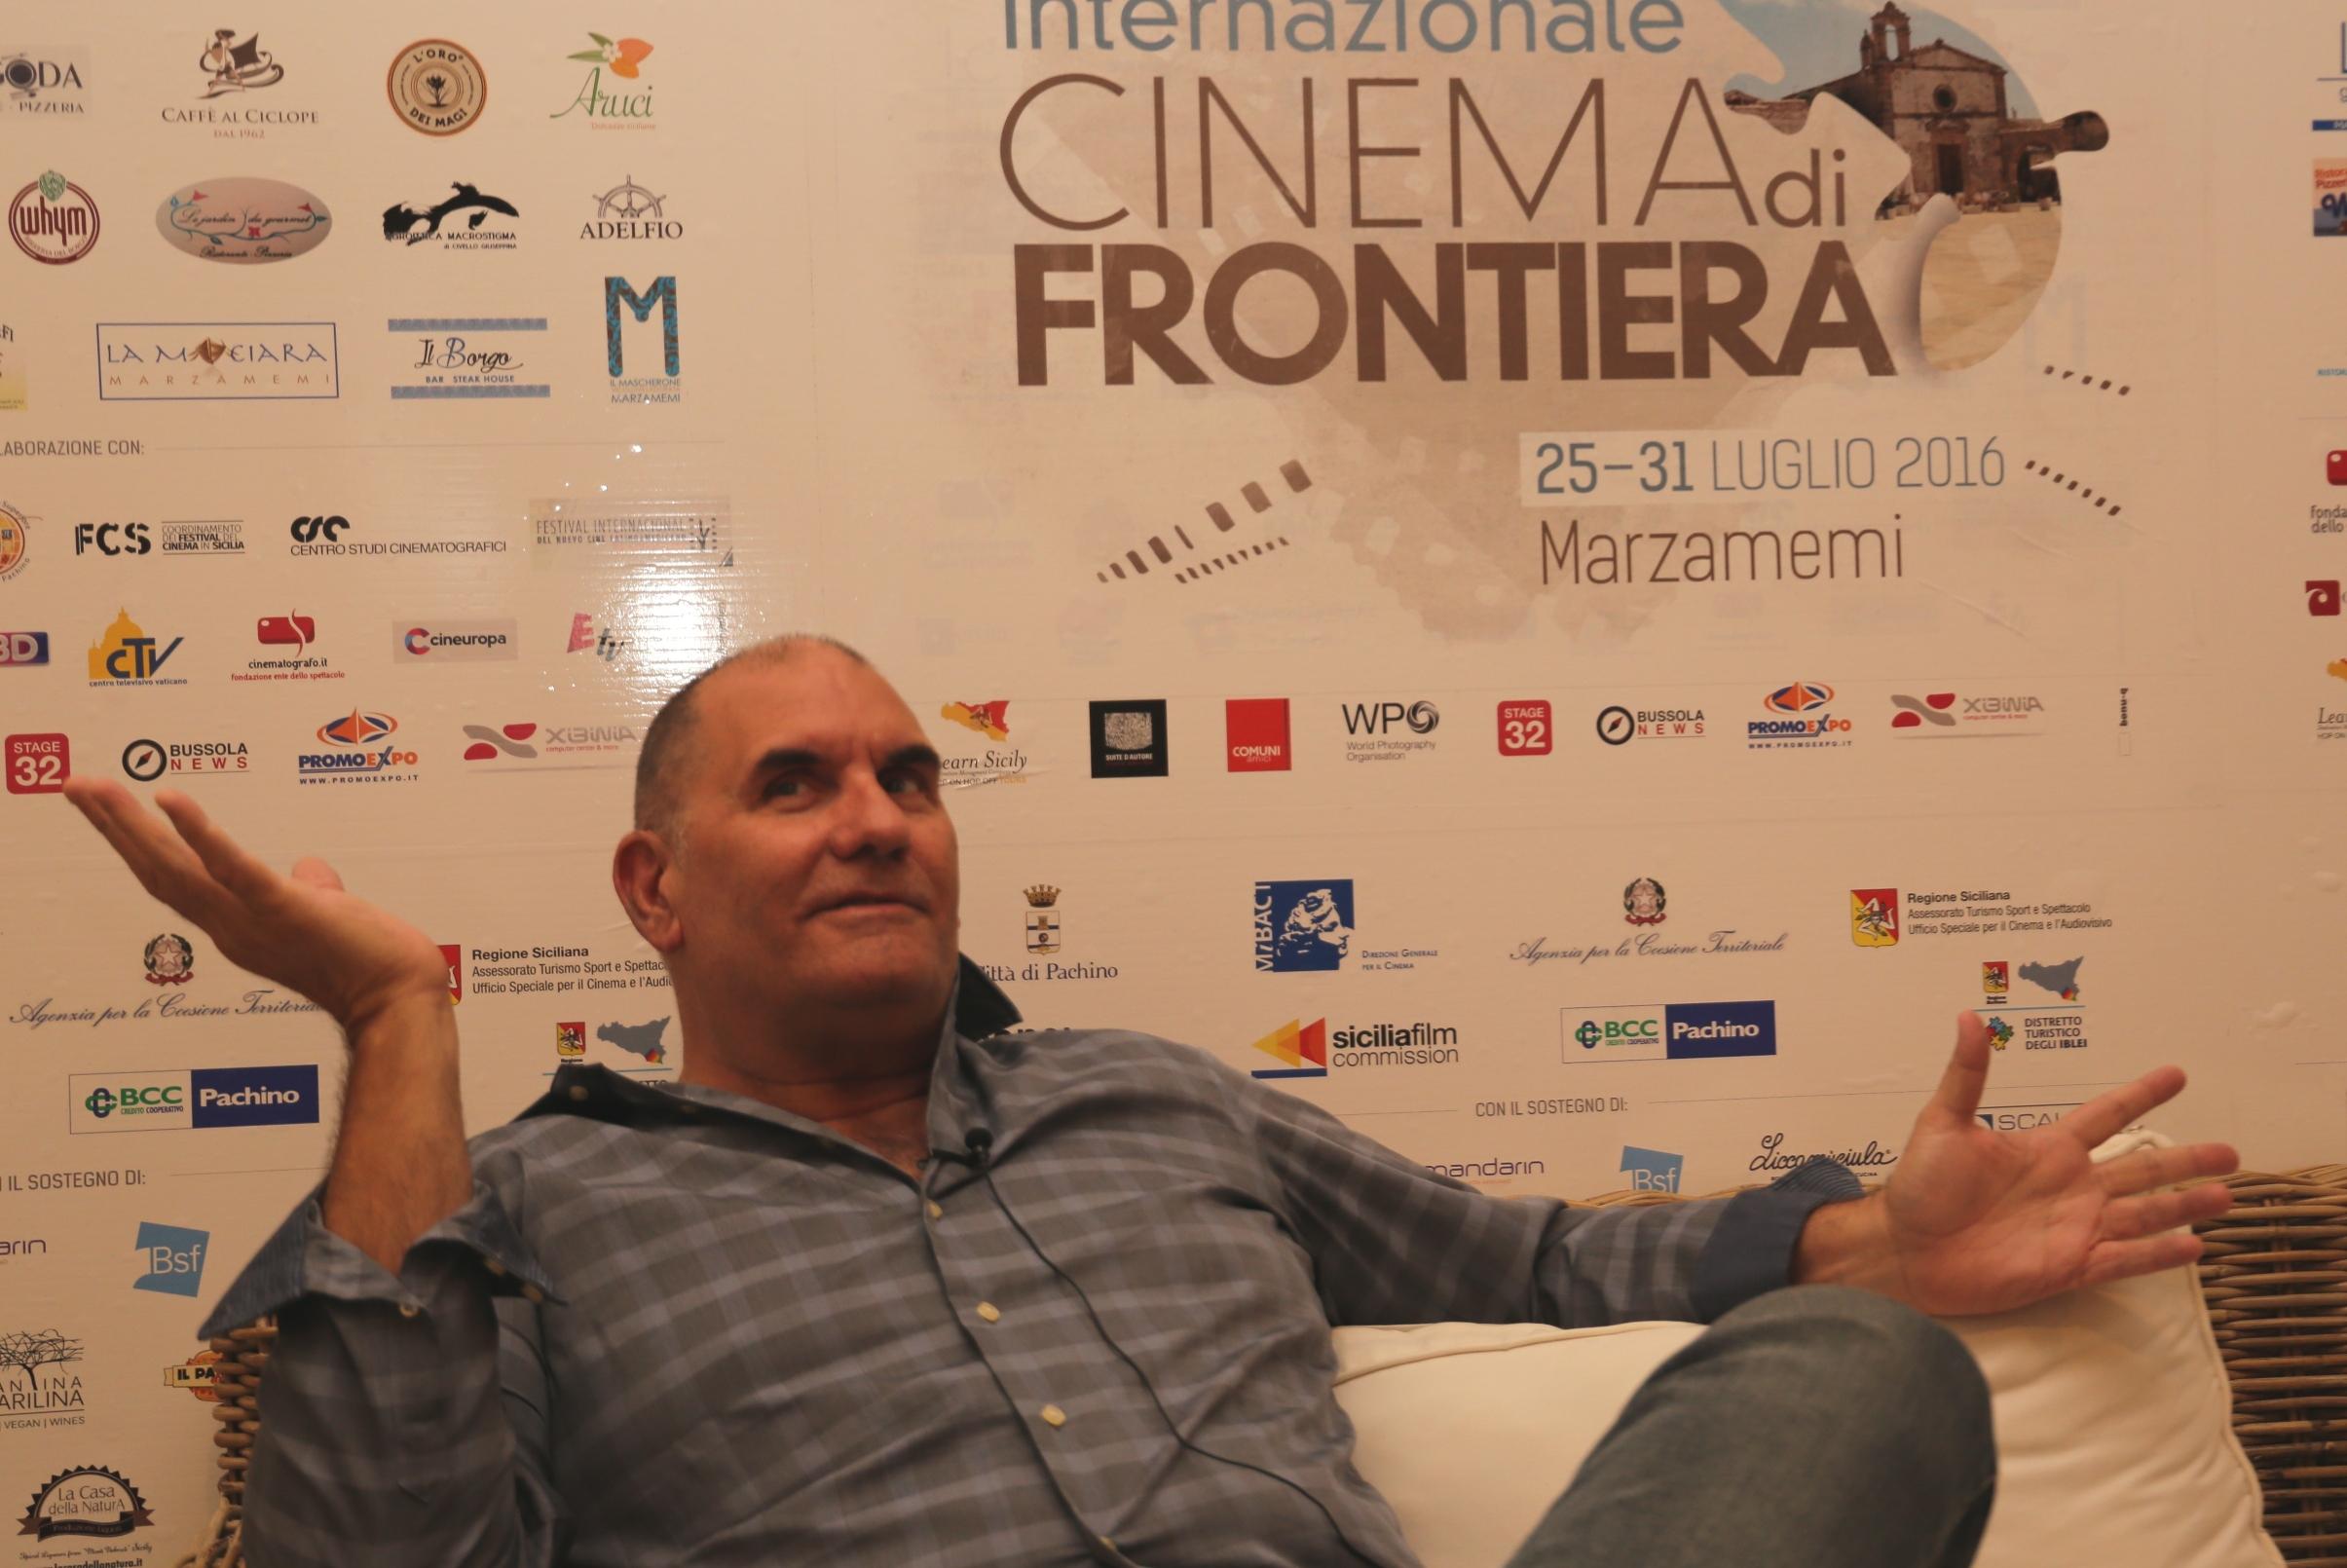 Ivan Giroud